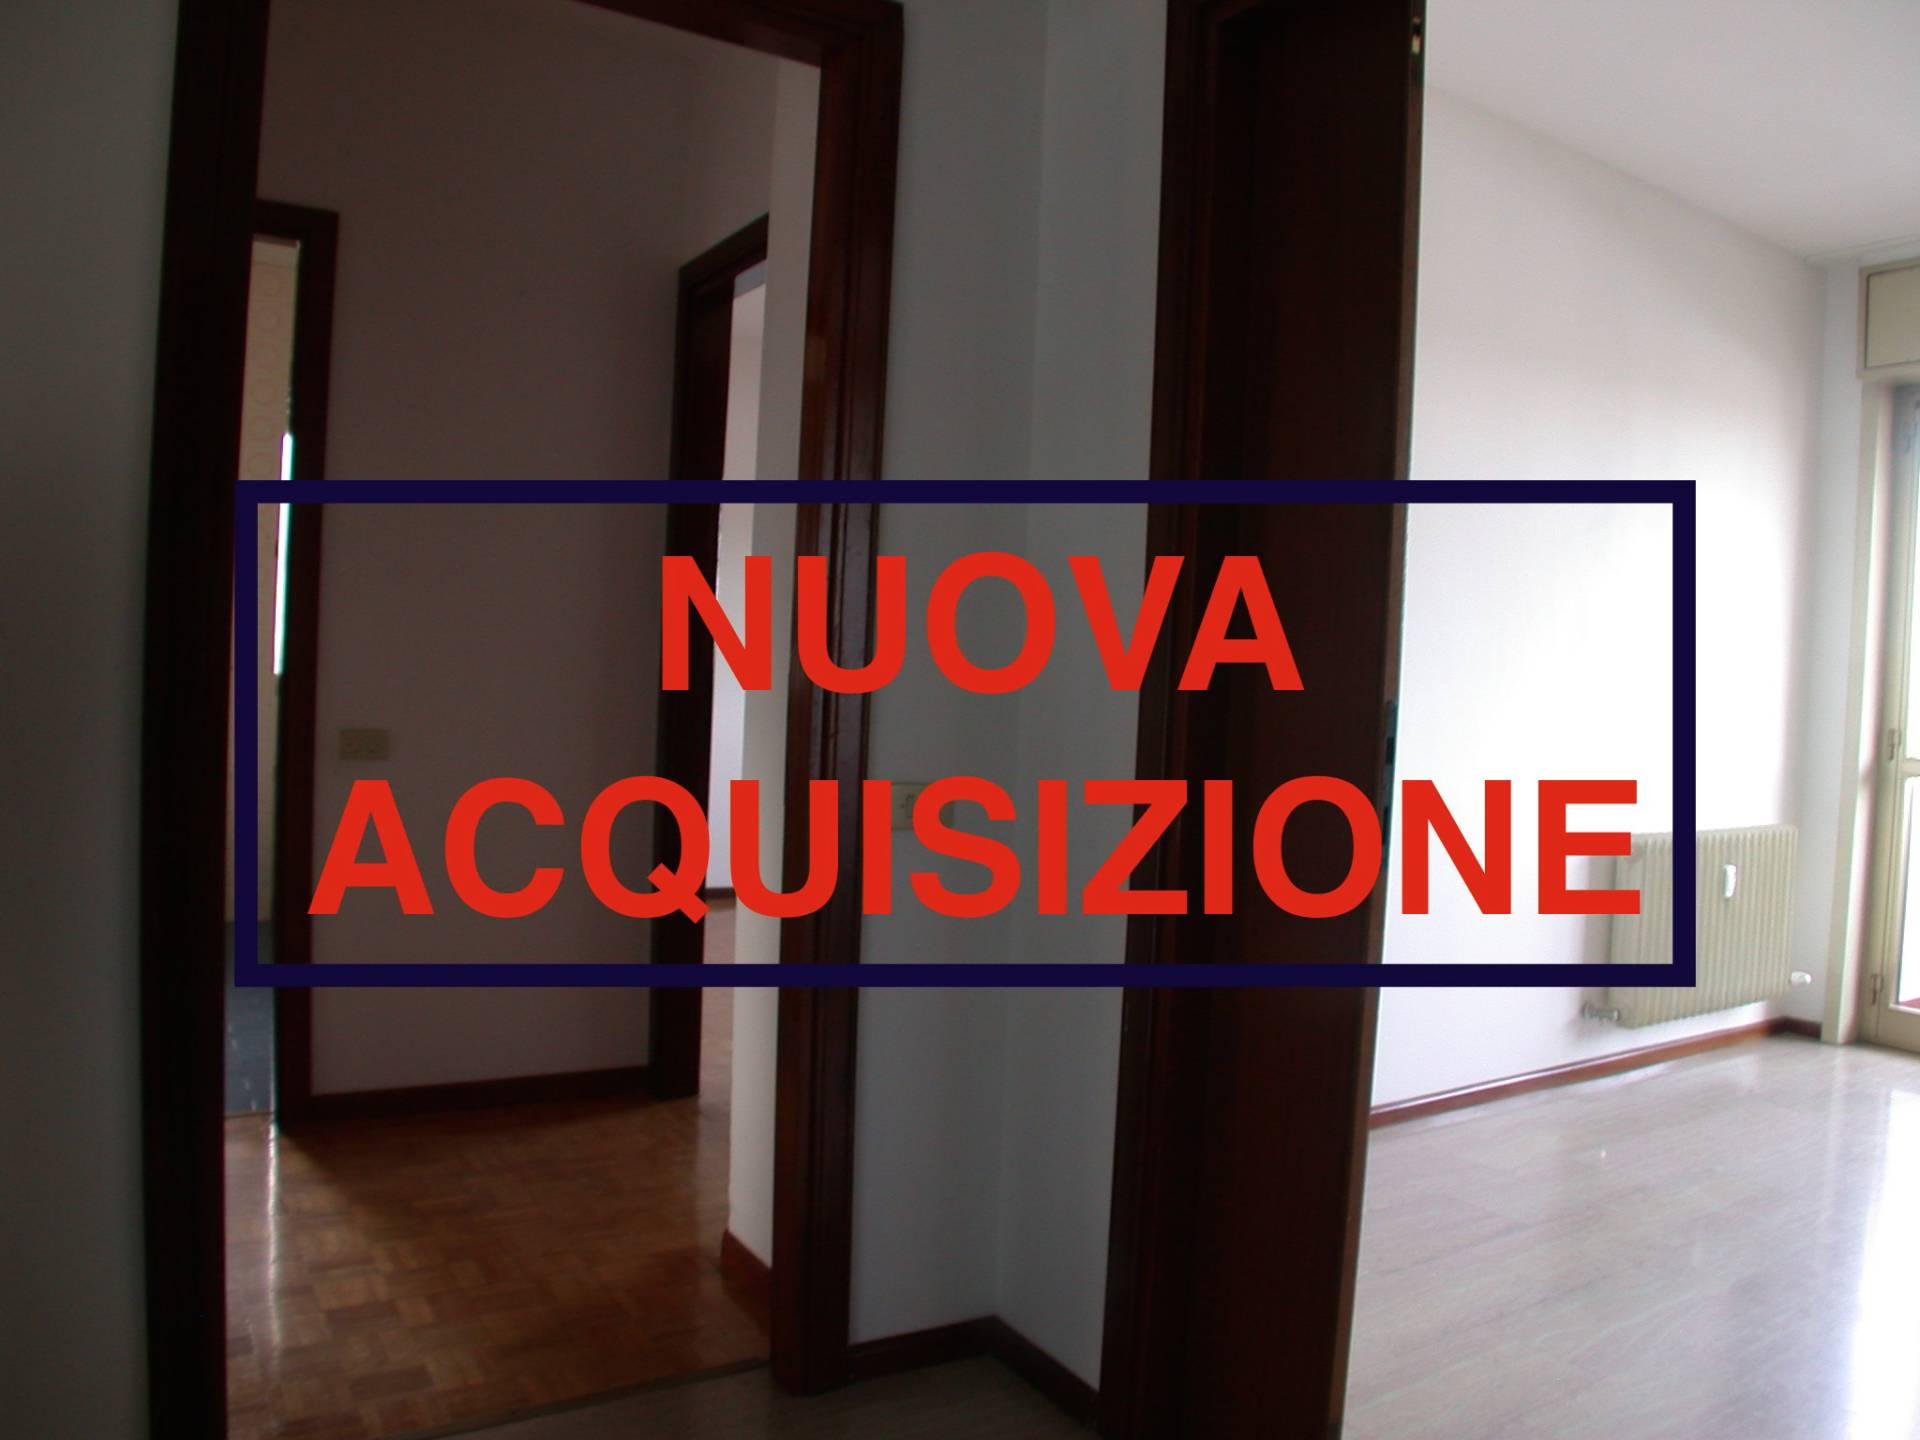 Appartamento in affitto a Gorizia, 7 locali, zona Località: S.Anna, prezzo € 400 | Cambio Casa.it